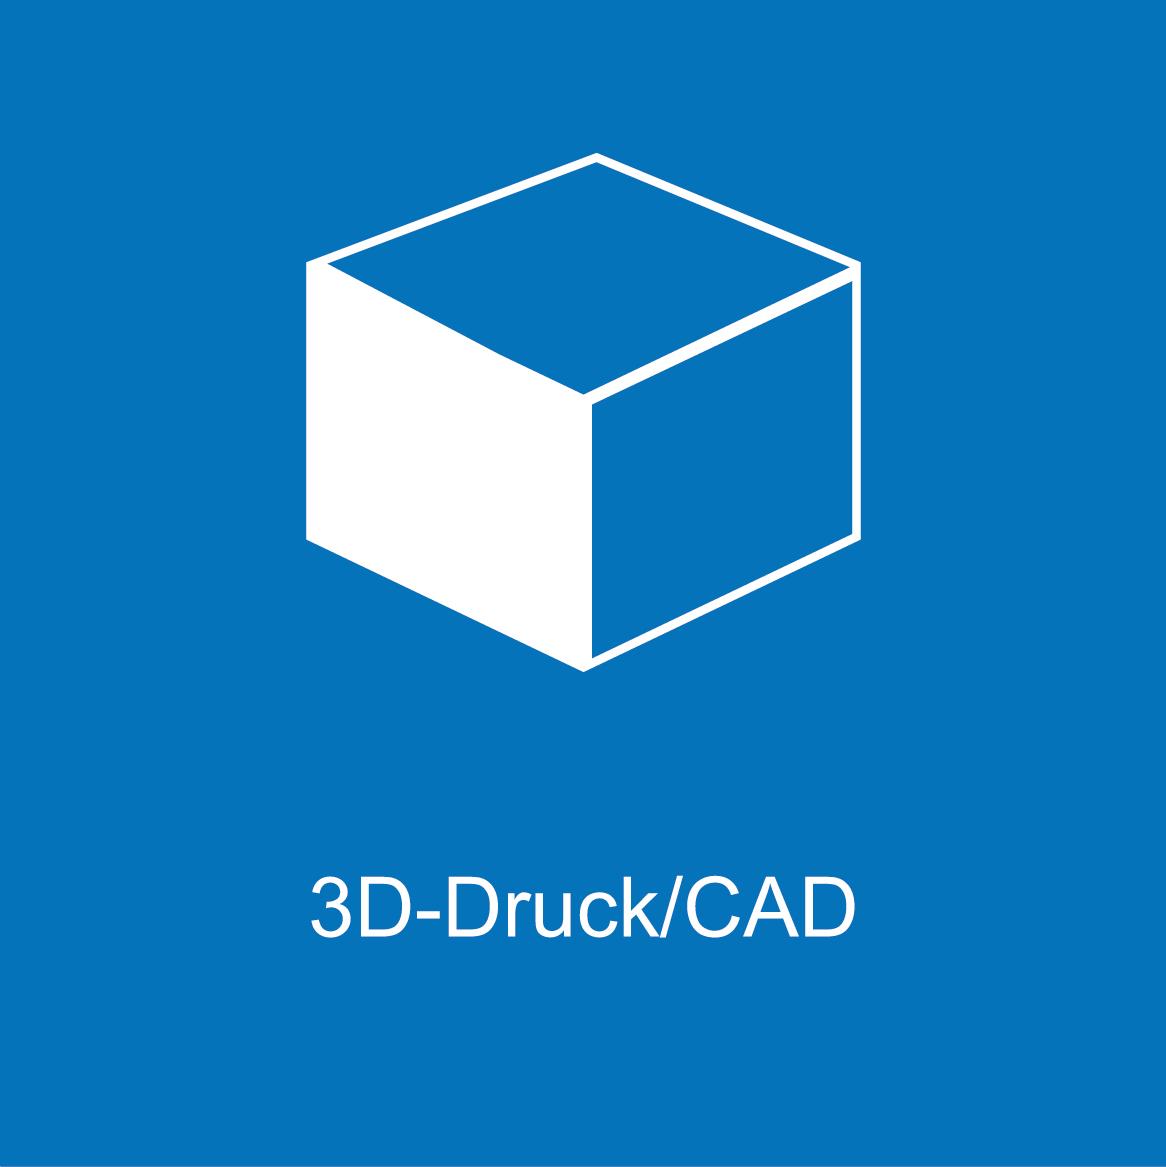 Weiterbildung - 3D-Druck/CAD